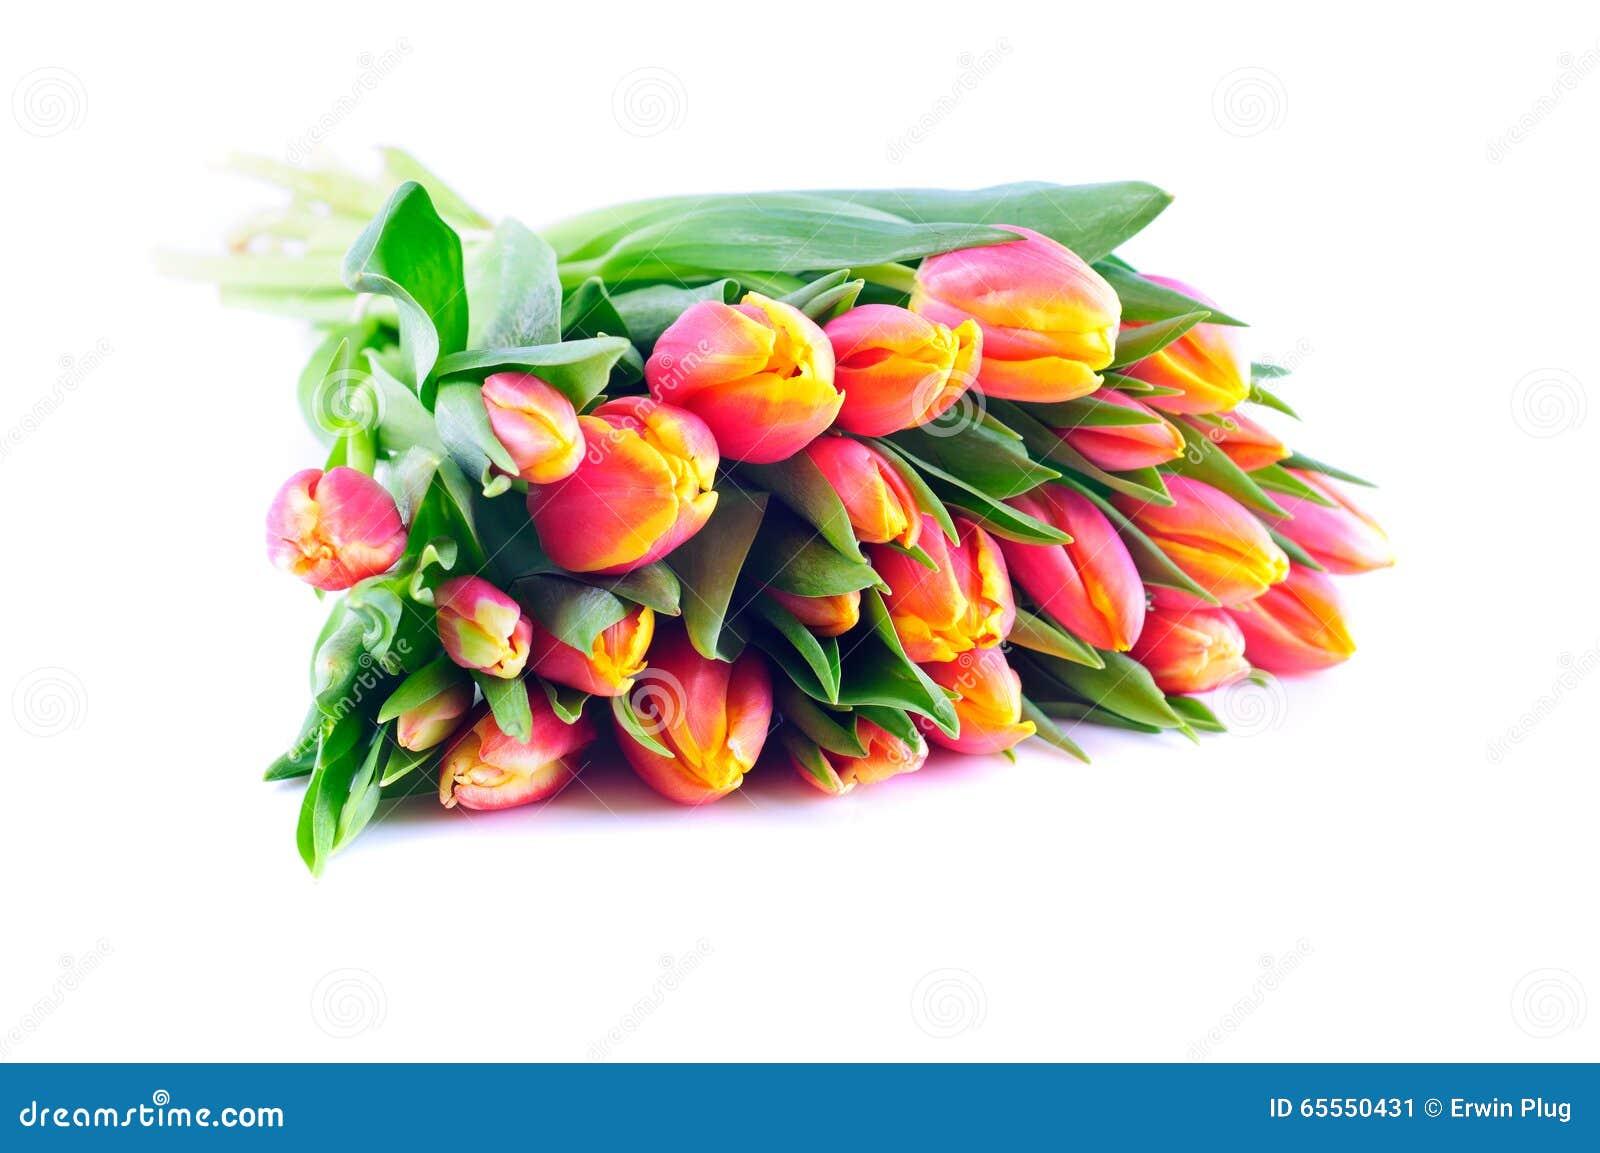 Bündel zweifarbige orangegelbe Tulpen